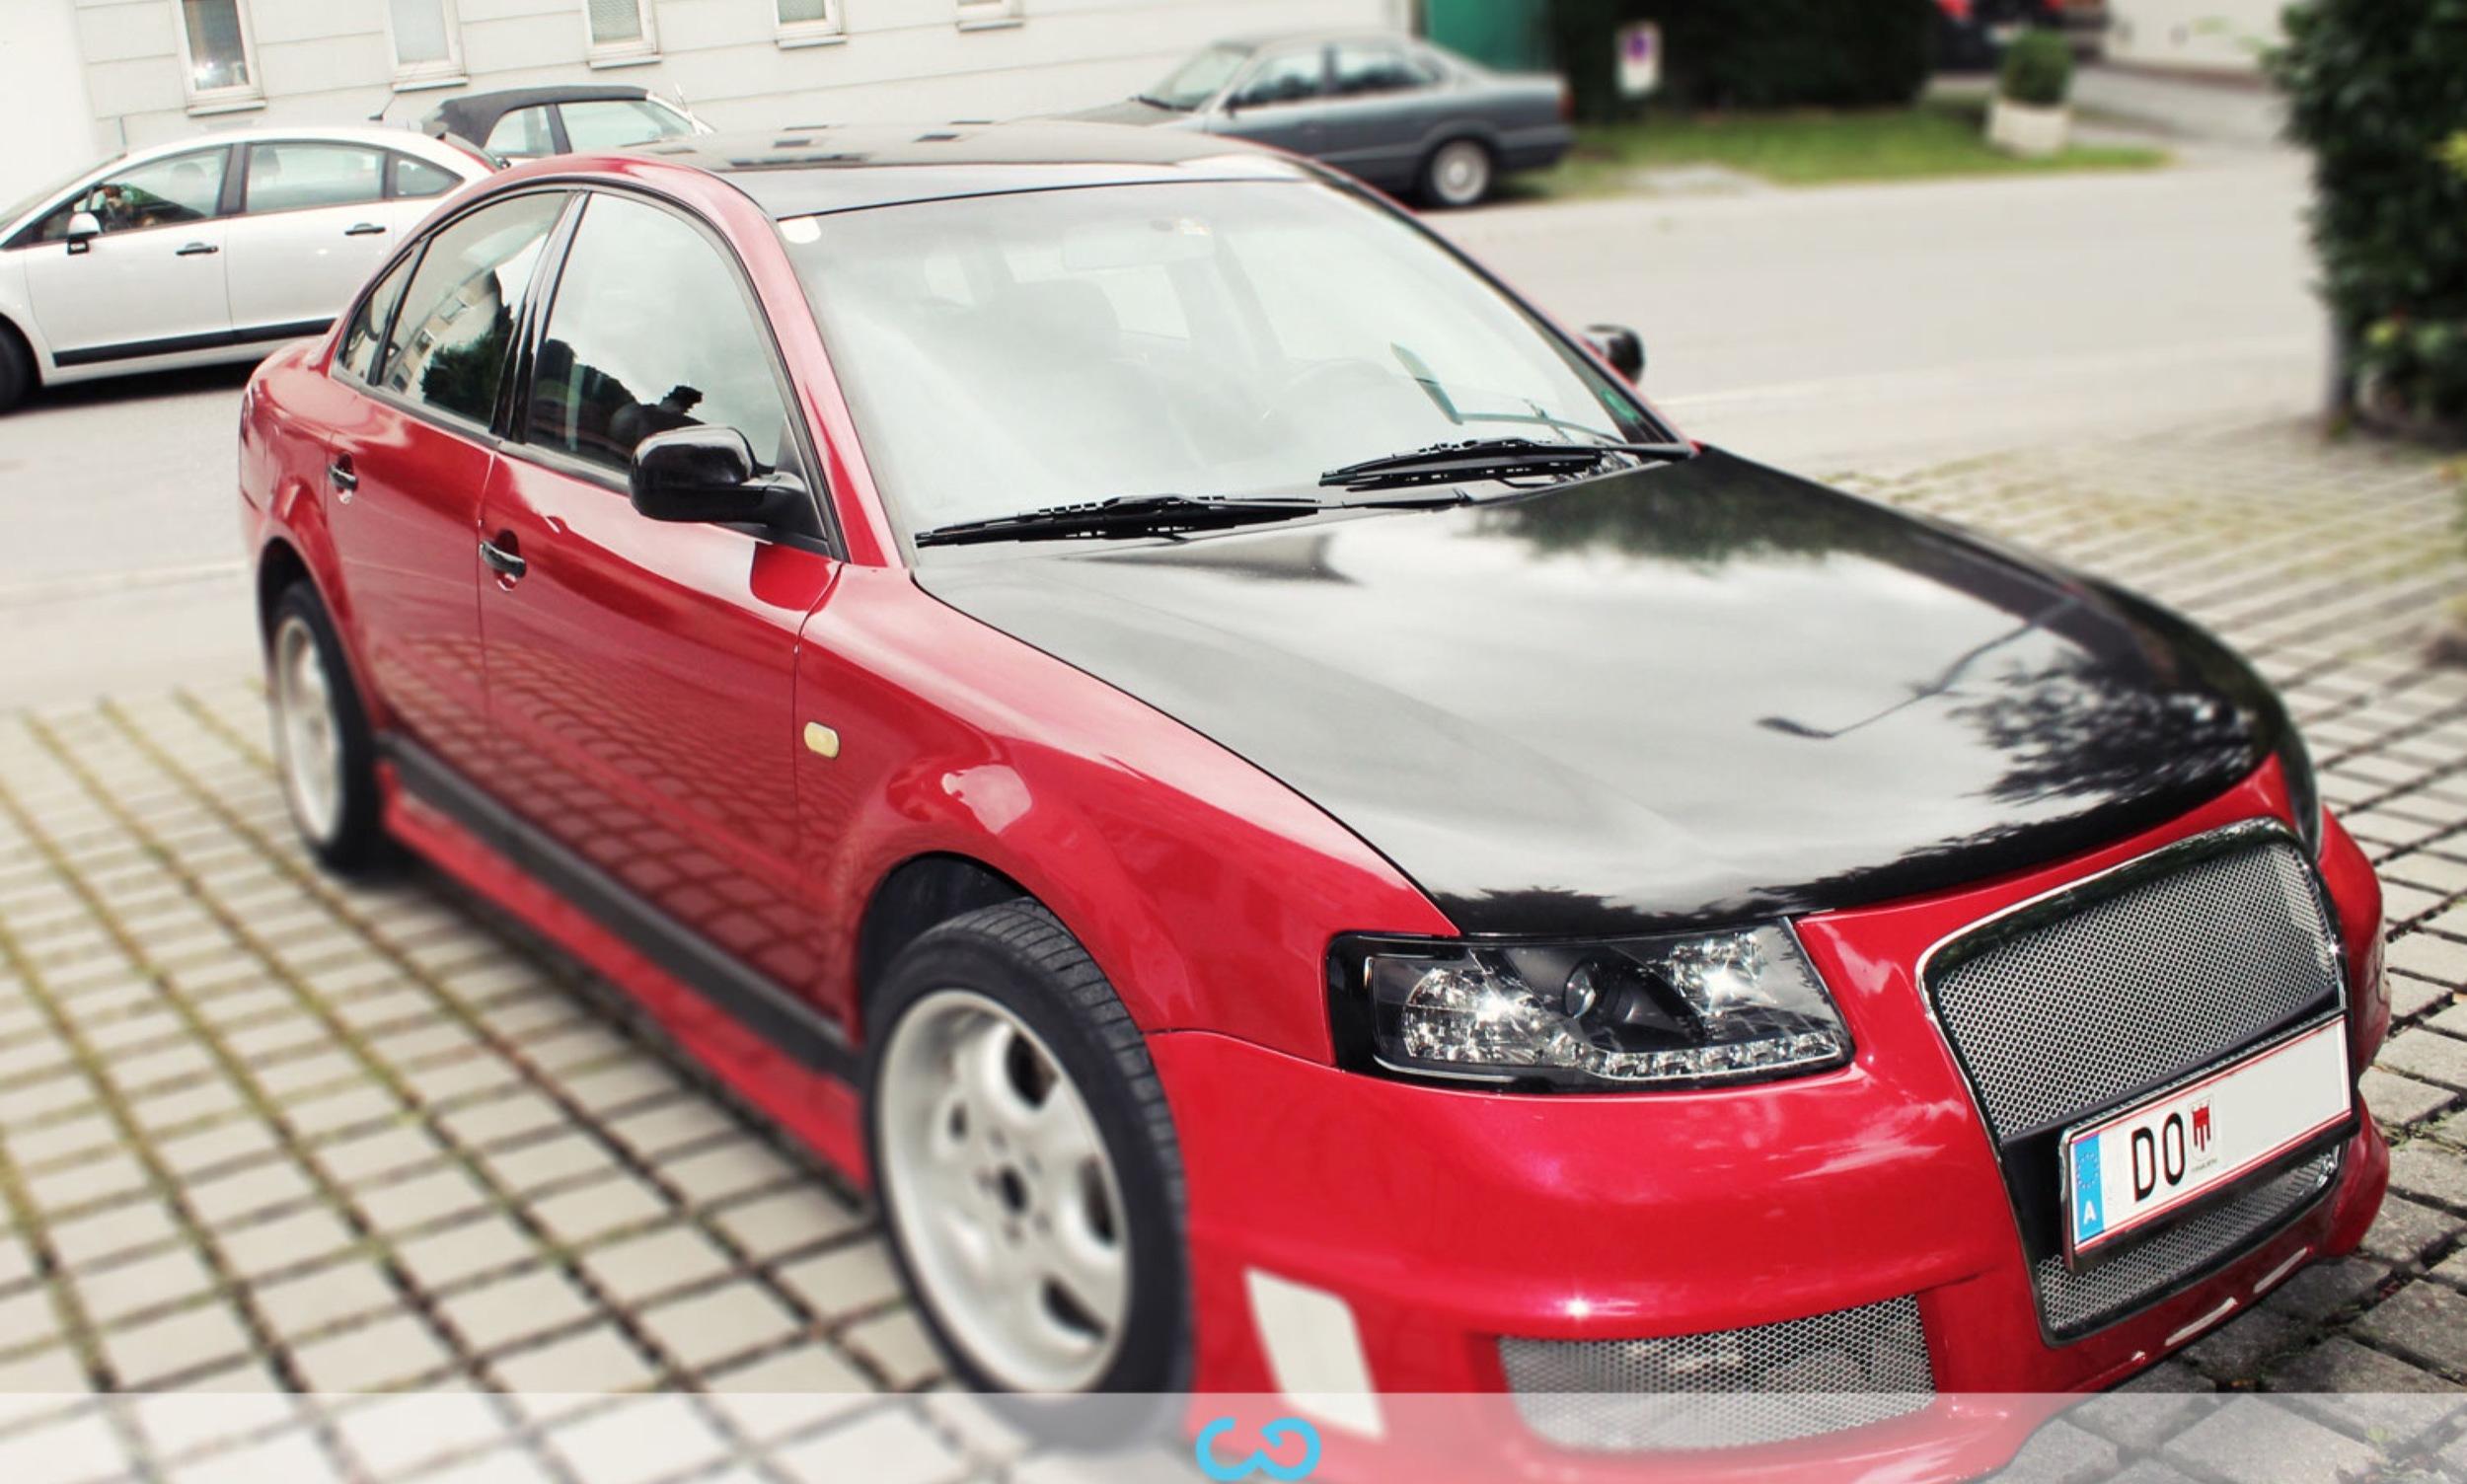 autofolierung-car-wrapping-1-teilfolierung-audi-schwarz-rot-2012-09-01-11.jpg